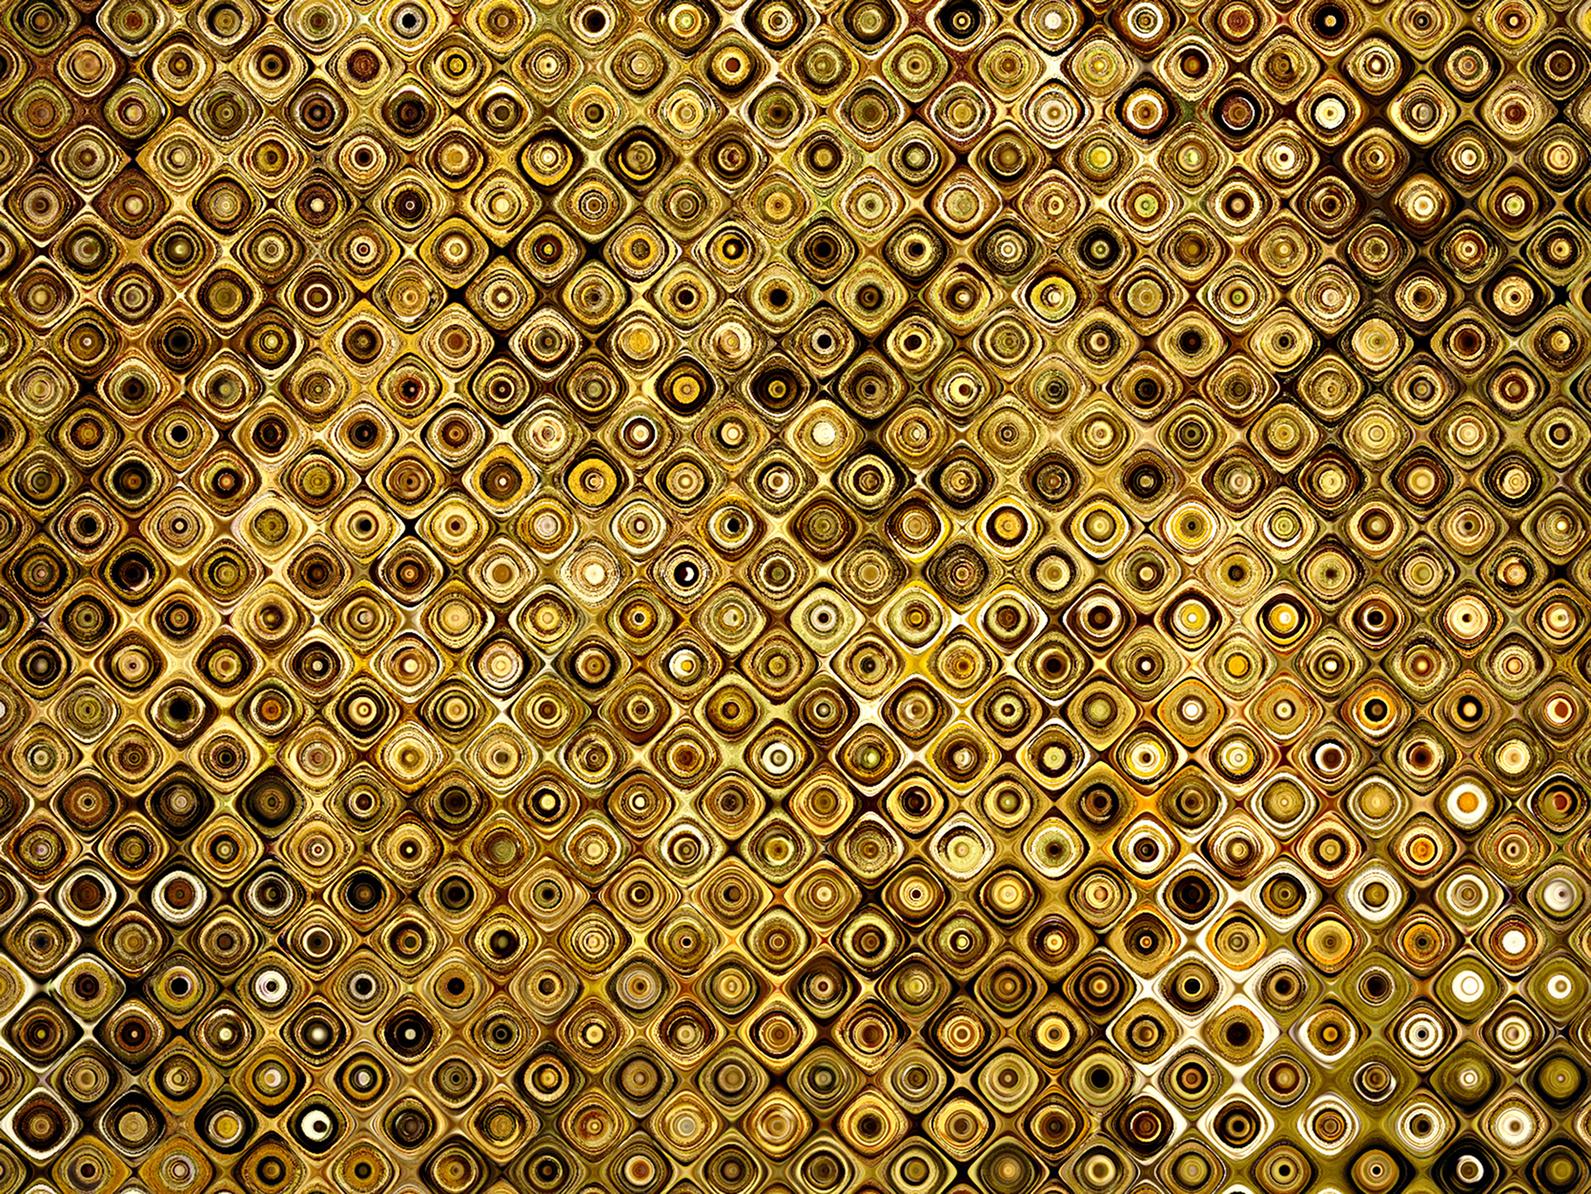 El desastre de María: Texturas doradas y plateadas